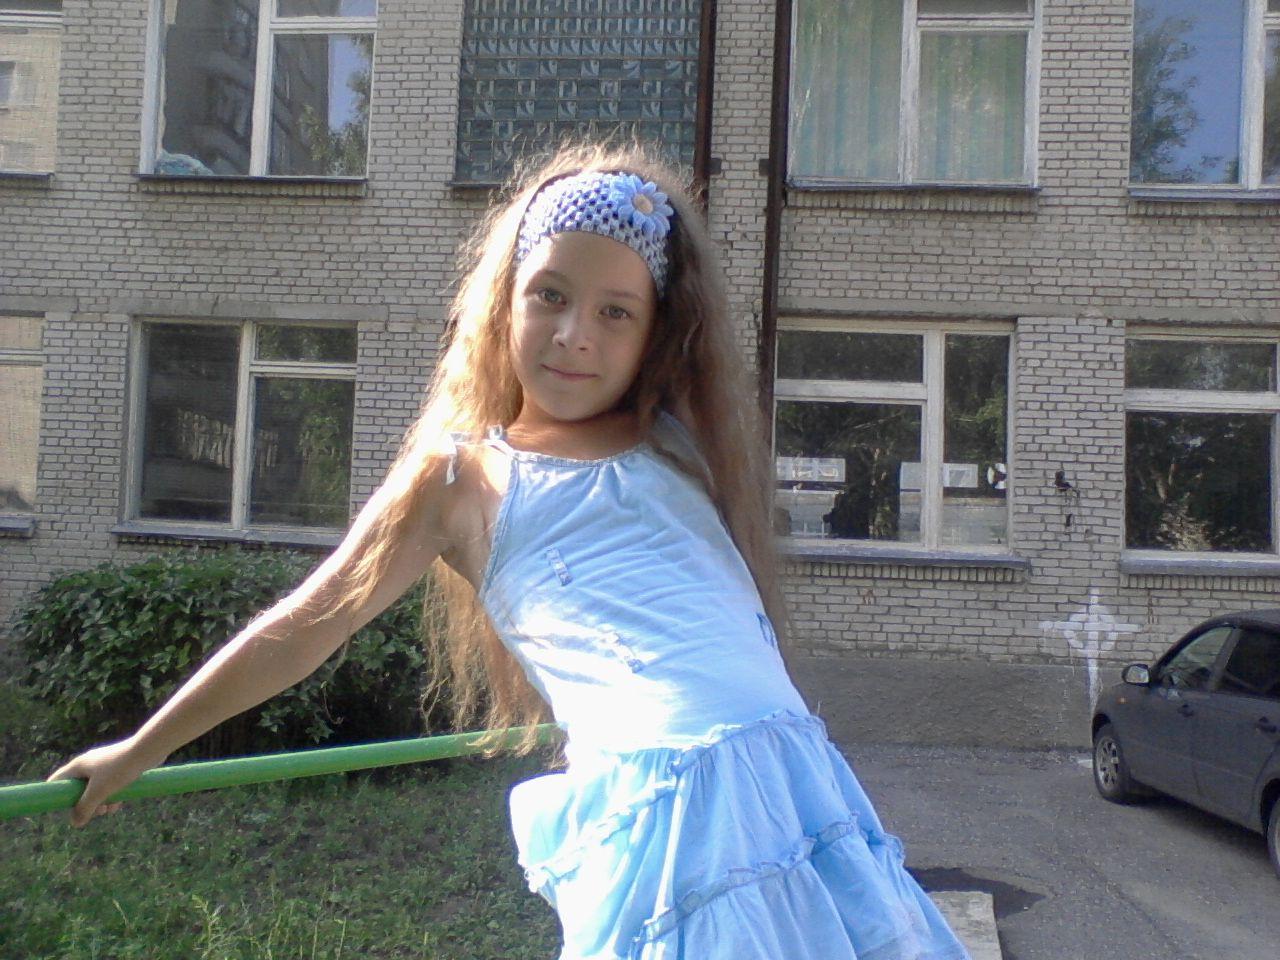 Ґолые письки девочек фото фото 235-447